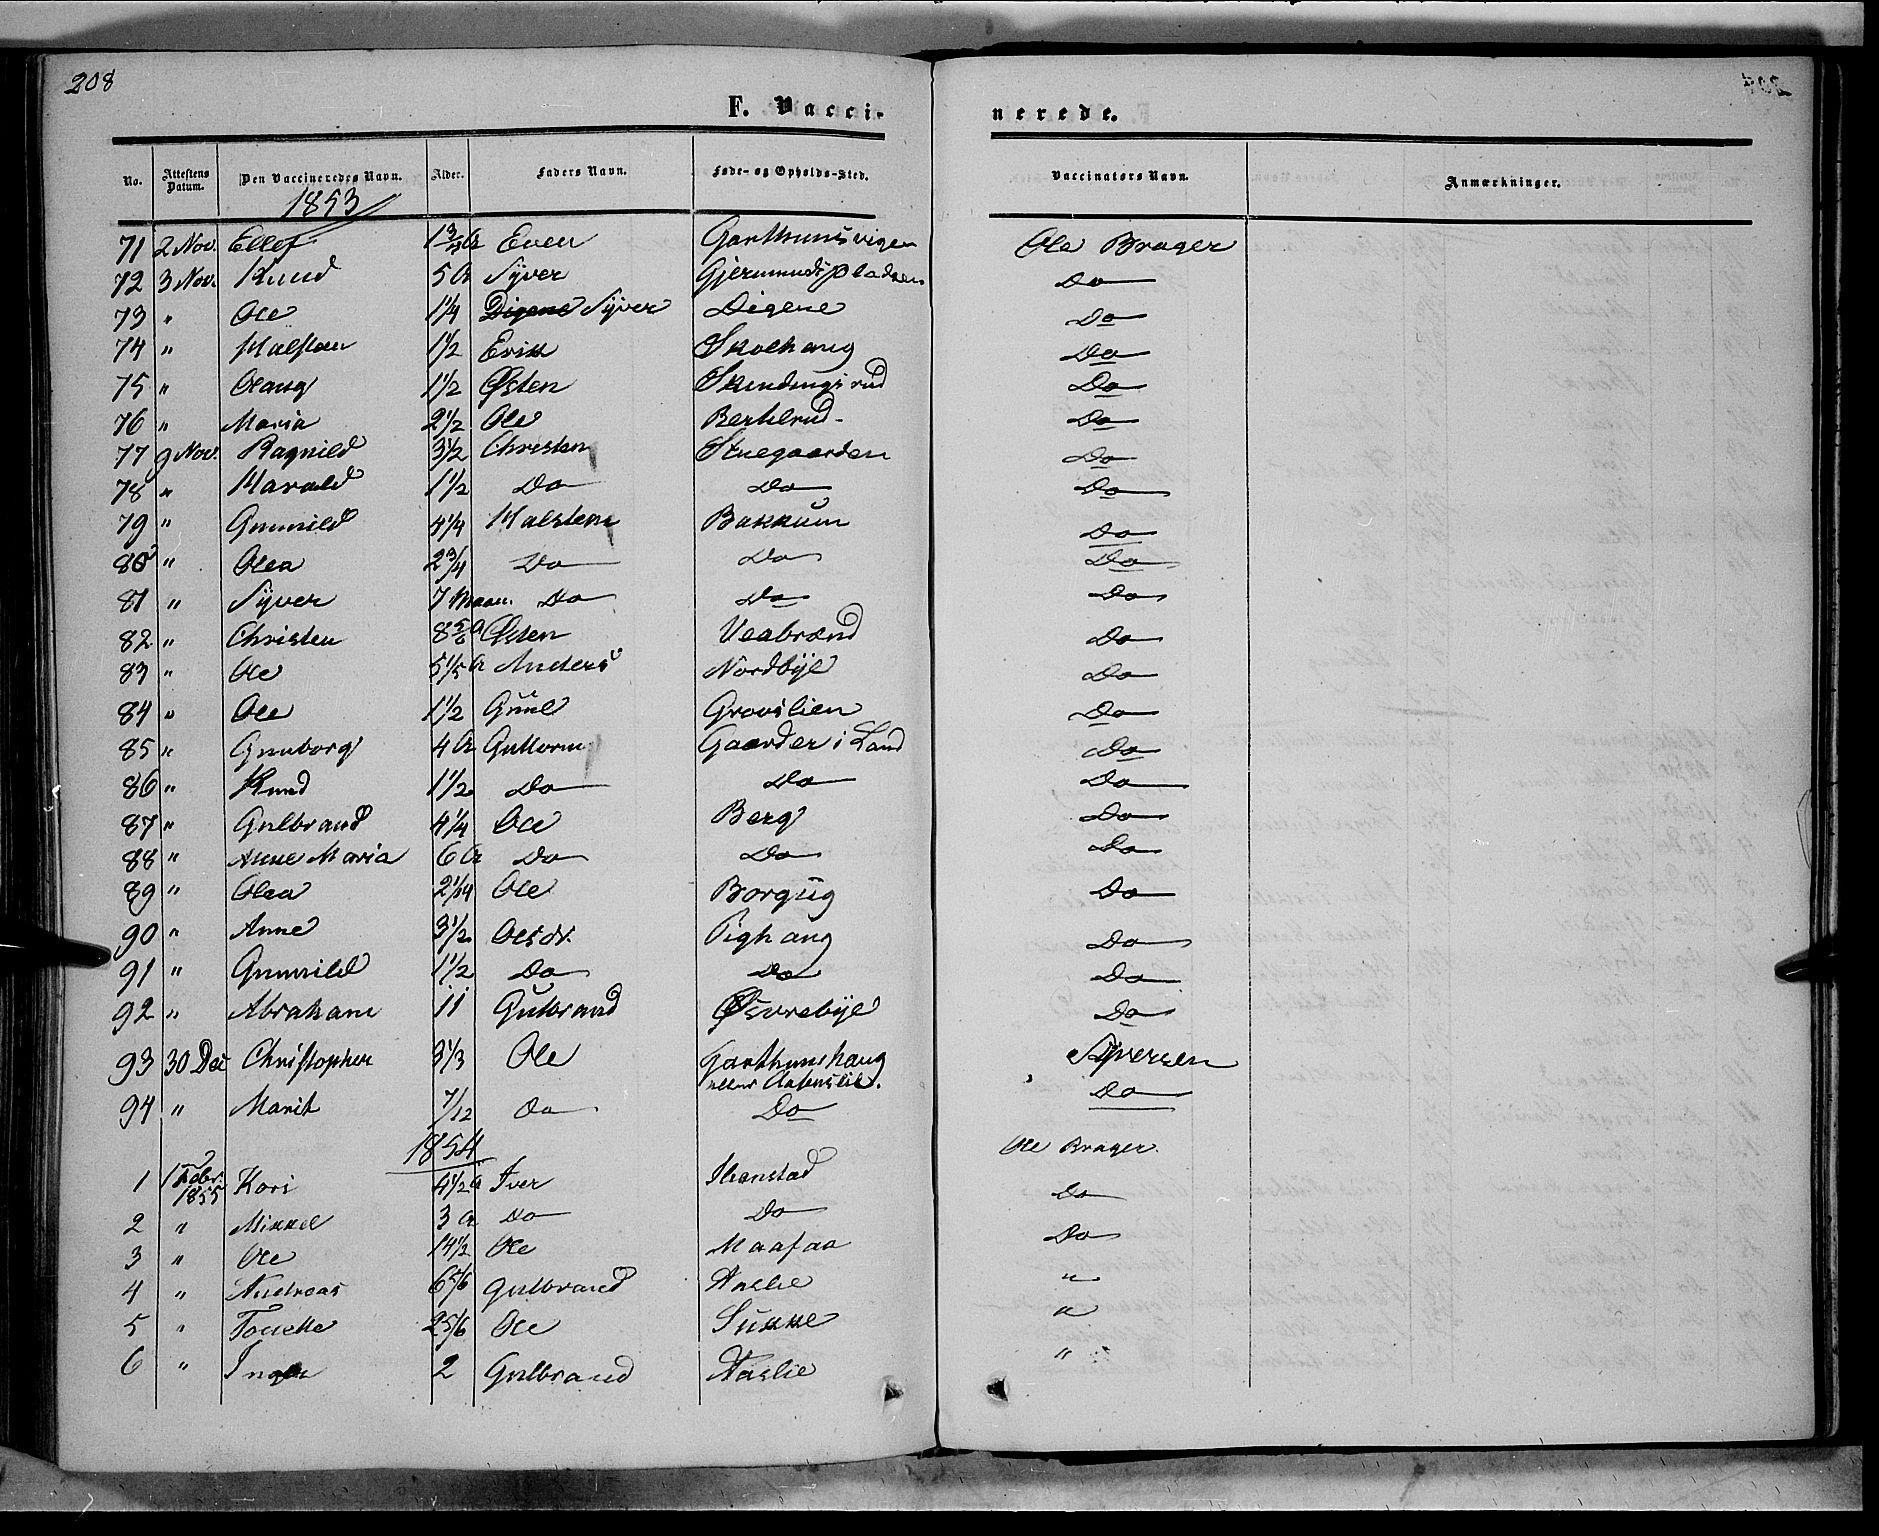 SAH, Sør-Aurdal prestekontor, Ministerialbok nr. 7, 1849-1876, s. 208